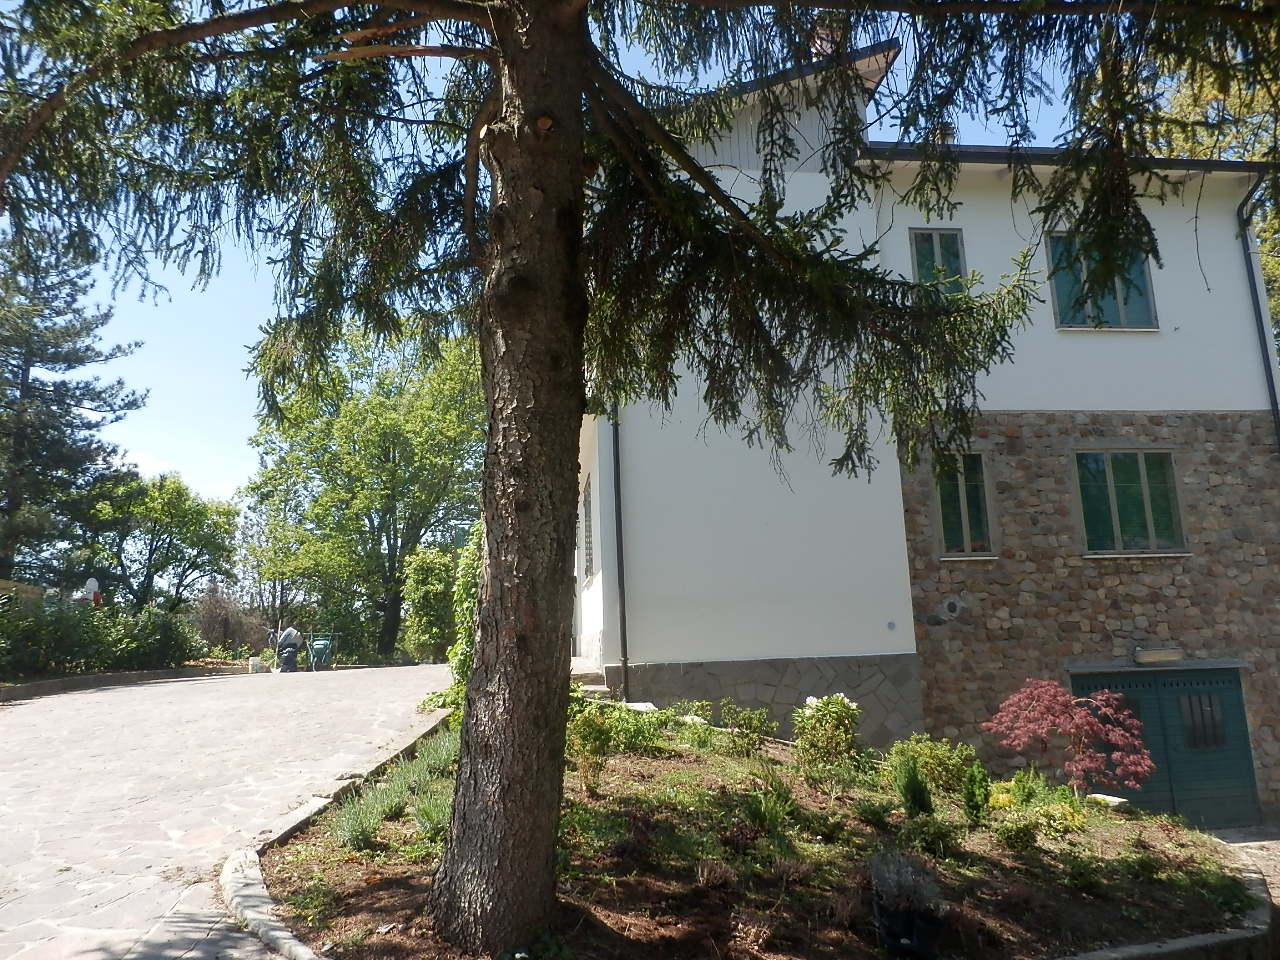 Villa Bifamiliare in affitto a Loiano, 4 locali, zona Località: Loiano, prezzo € 650 | CambioCasa.it